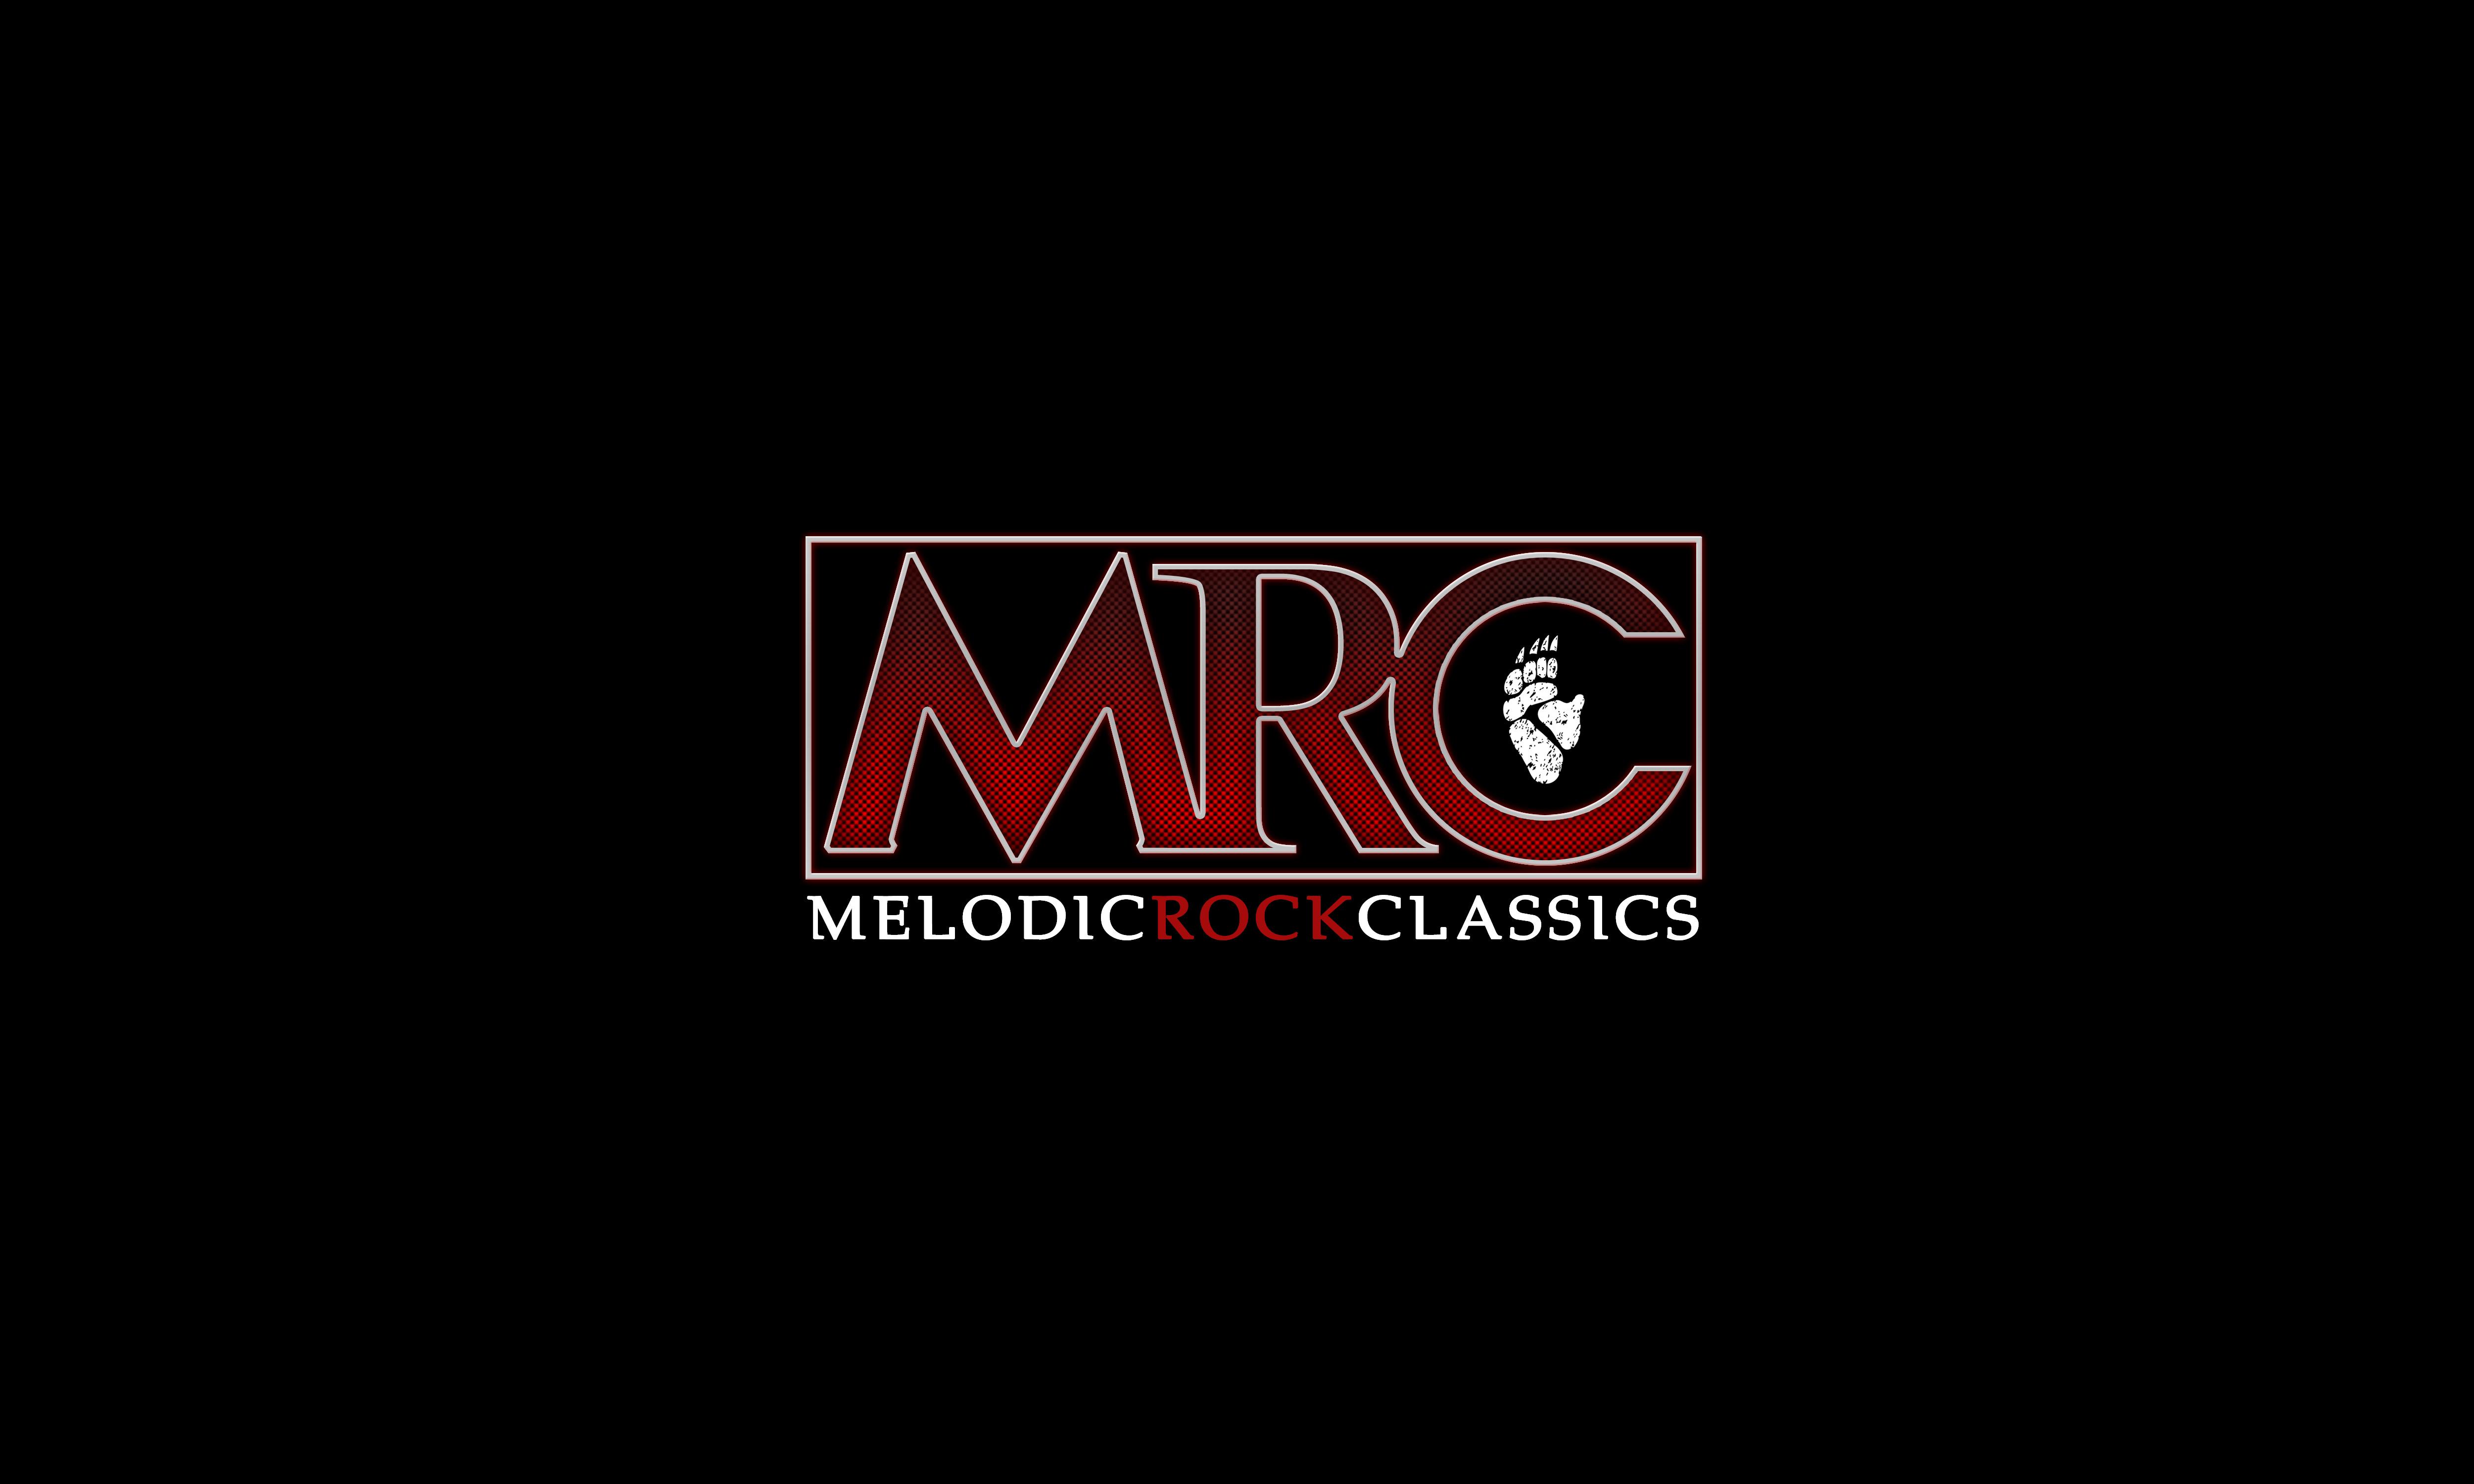 MELODIC ROCK CLASSICS